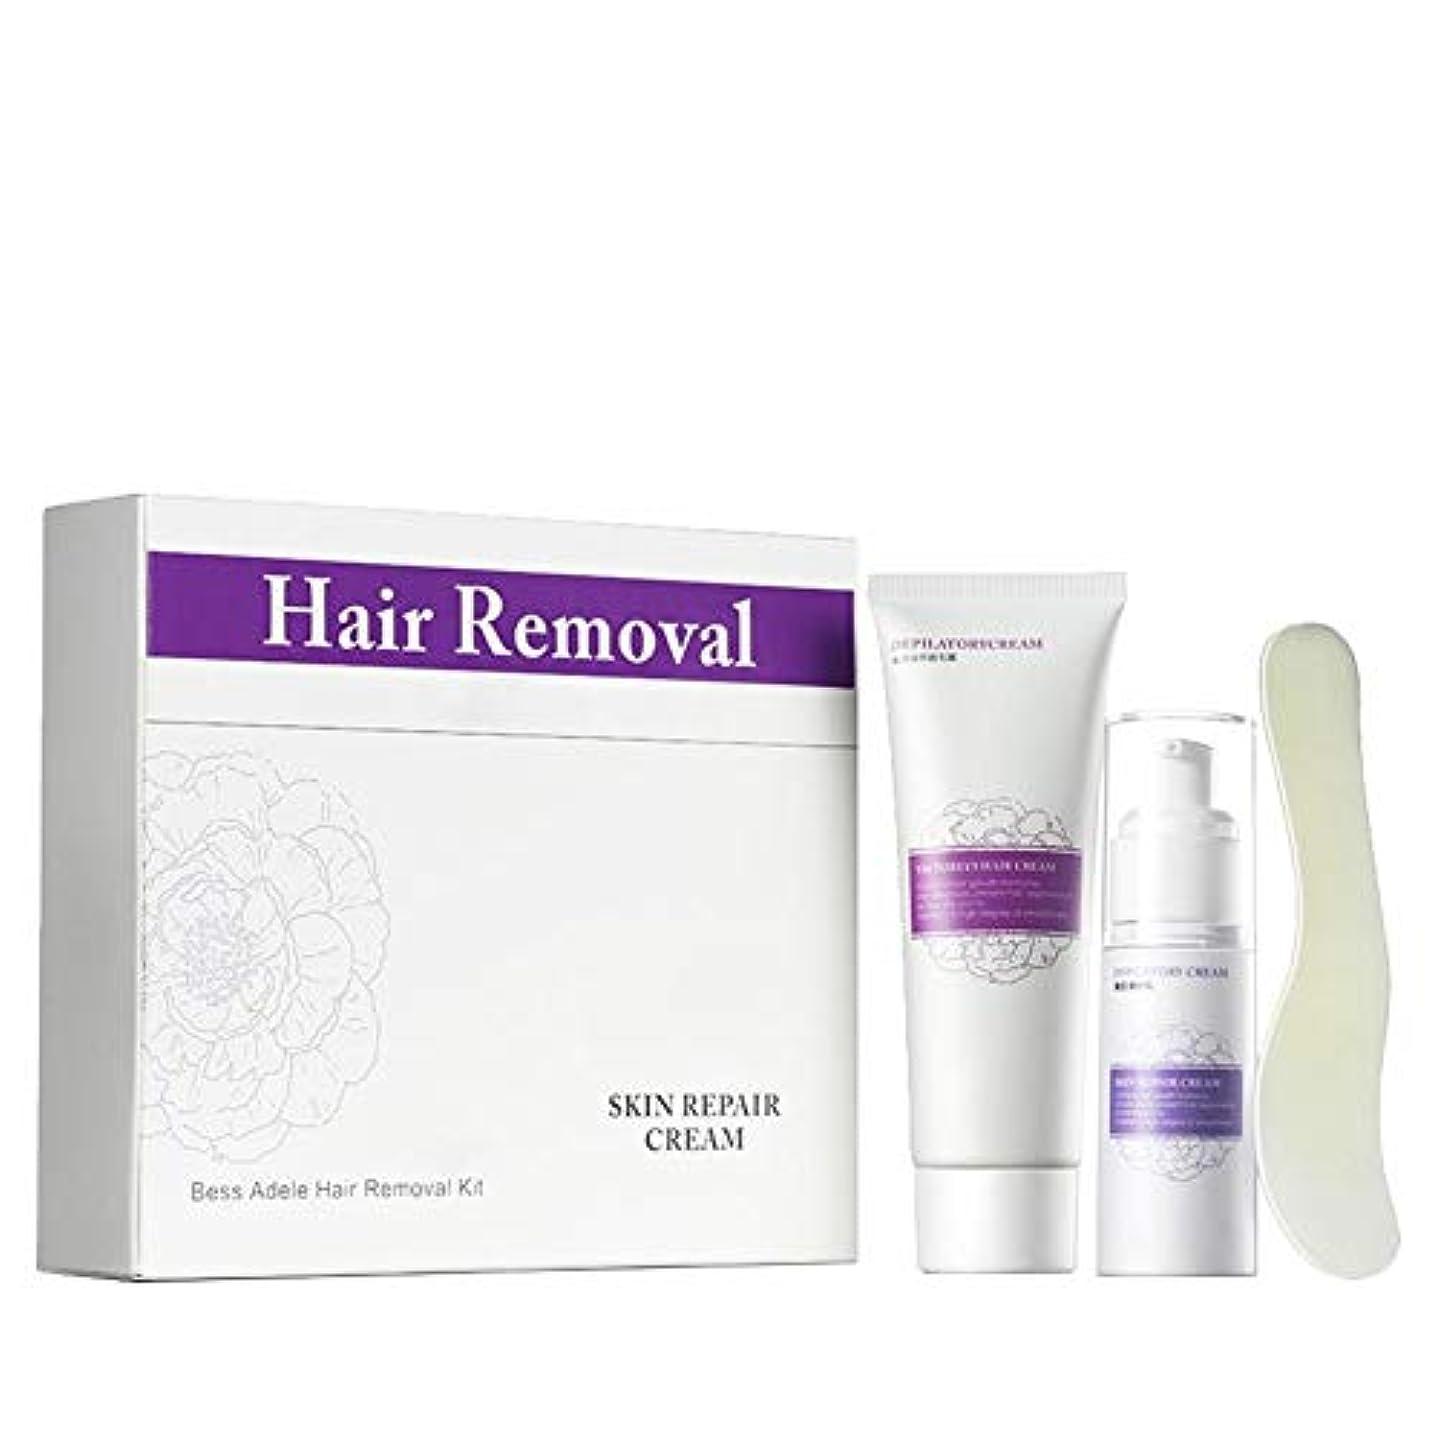 和の慈悲で実際に除毛クリーム 修復用ミルクスクレーパー優しい脱毛は肌を傷つけません、ファースト&シンプル、肌の潤いを和らげ、保ちます